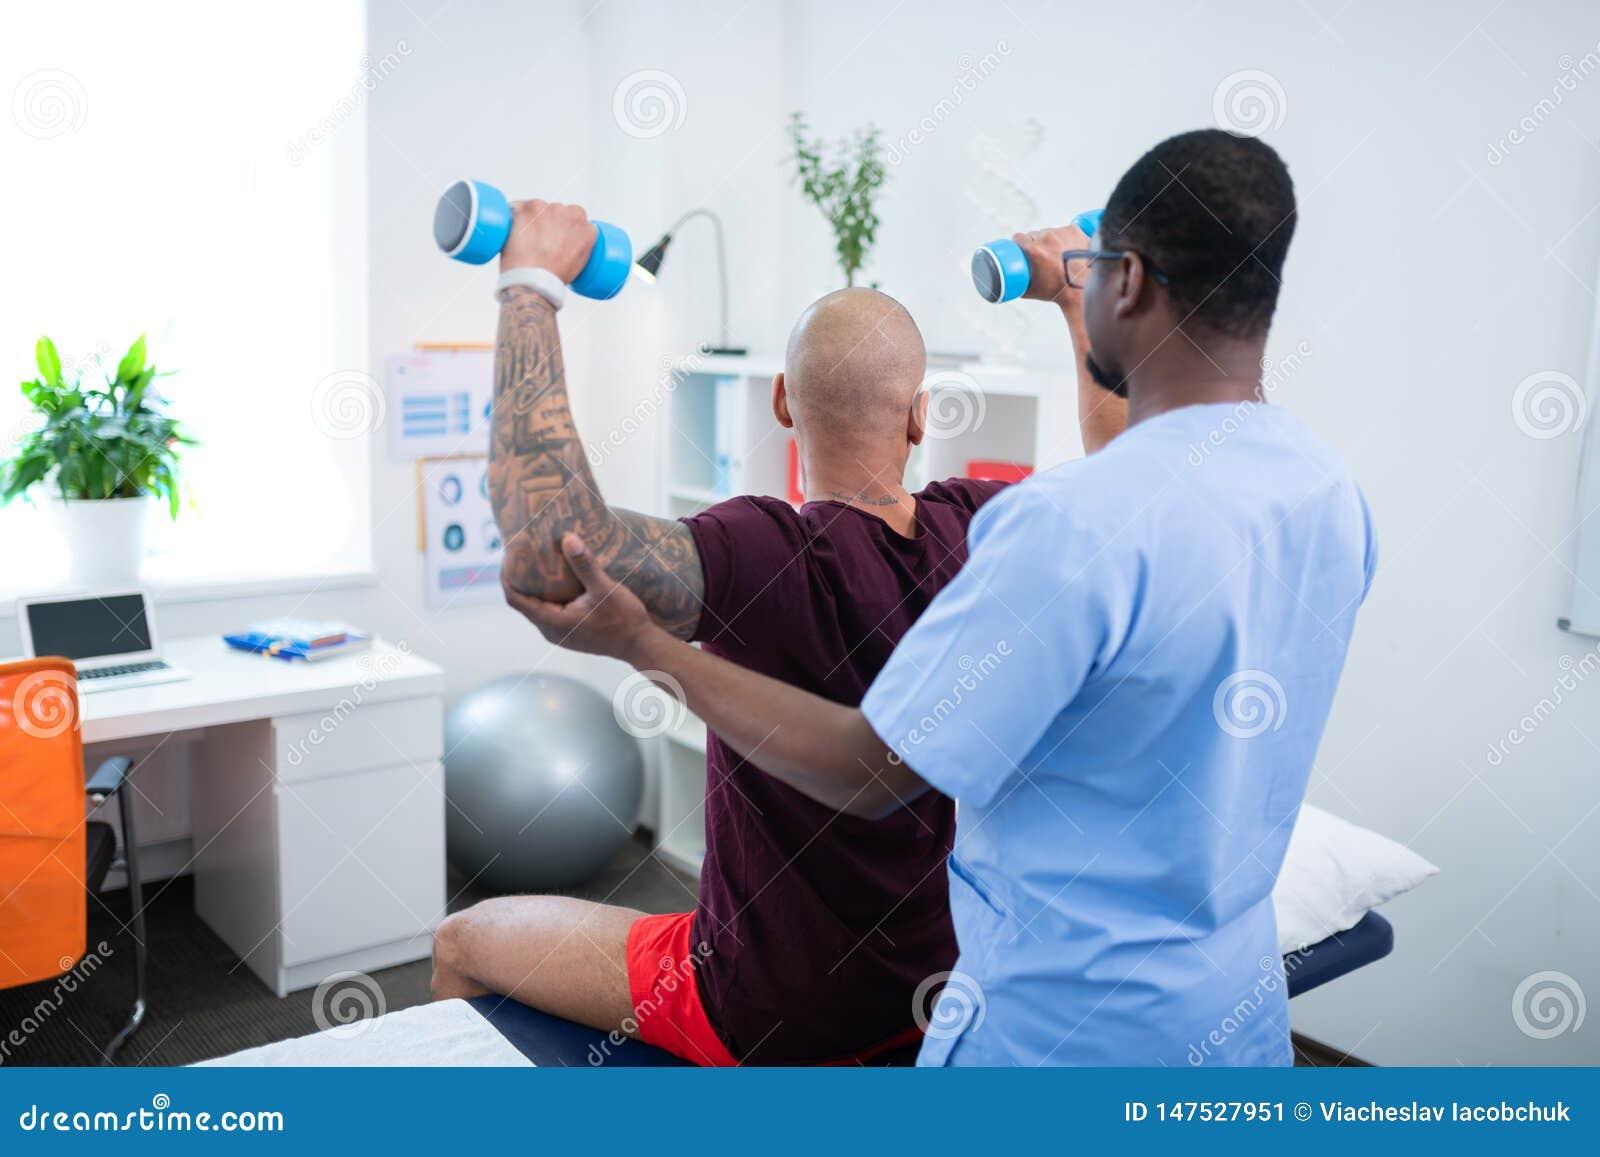 Θεράπων που βοηθά τον ασθενή του που κάνει τις ασκήσεις με τα barbells